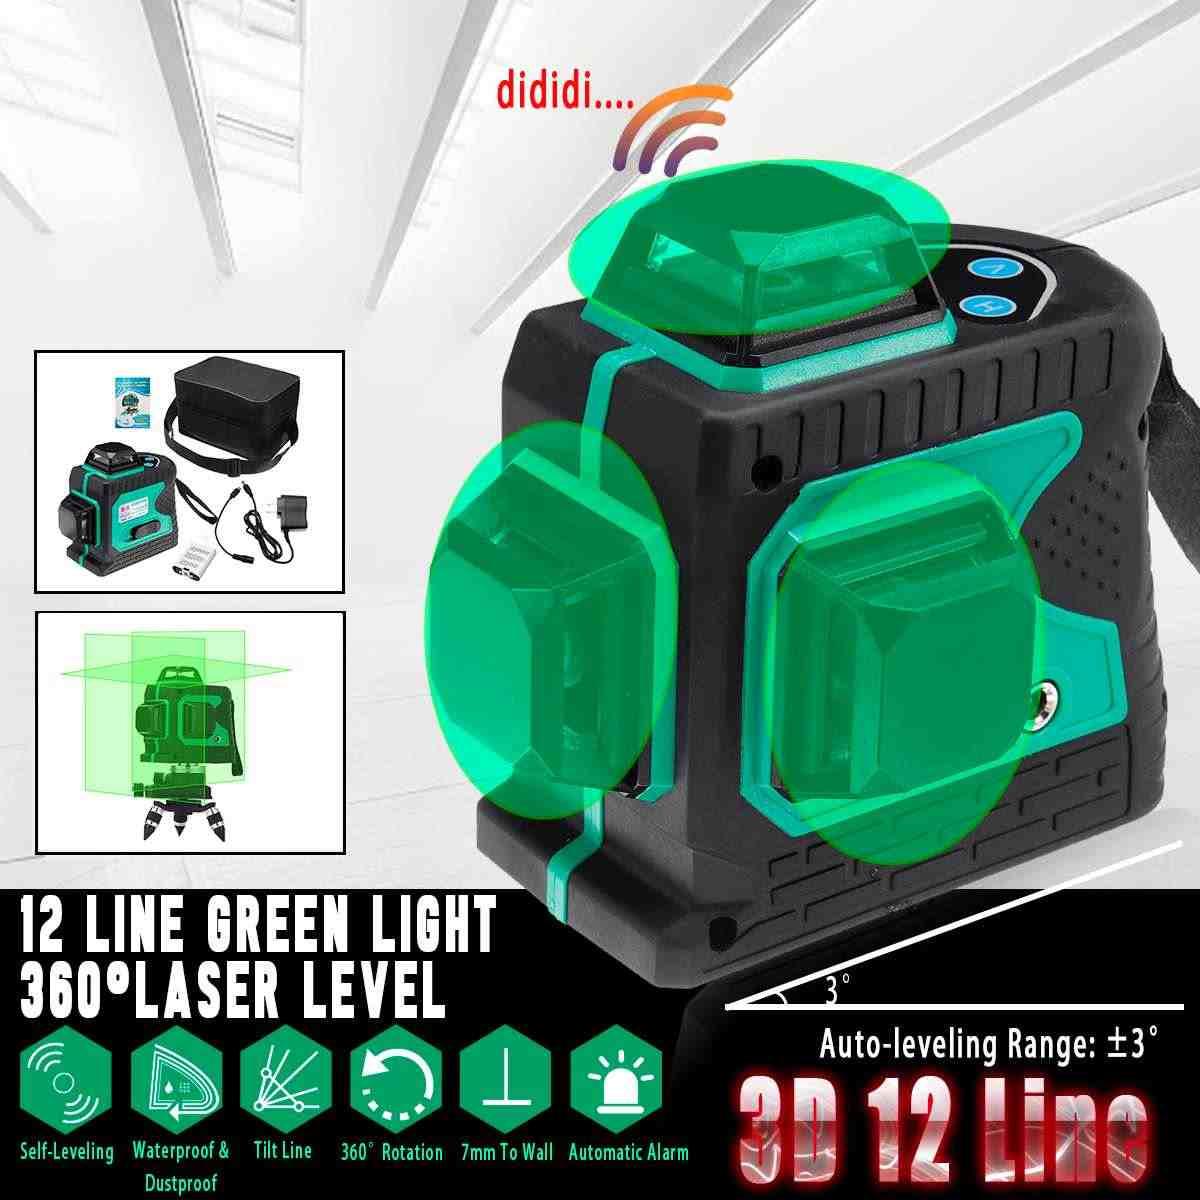 3D 12 линия зеленый свет лазерный уровень Авто самонивелирующийся 360 градусов Поворотный мера крест износостойкий противоударный водостойкий